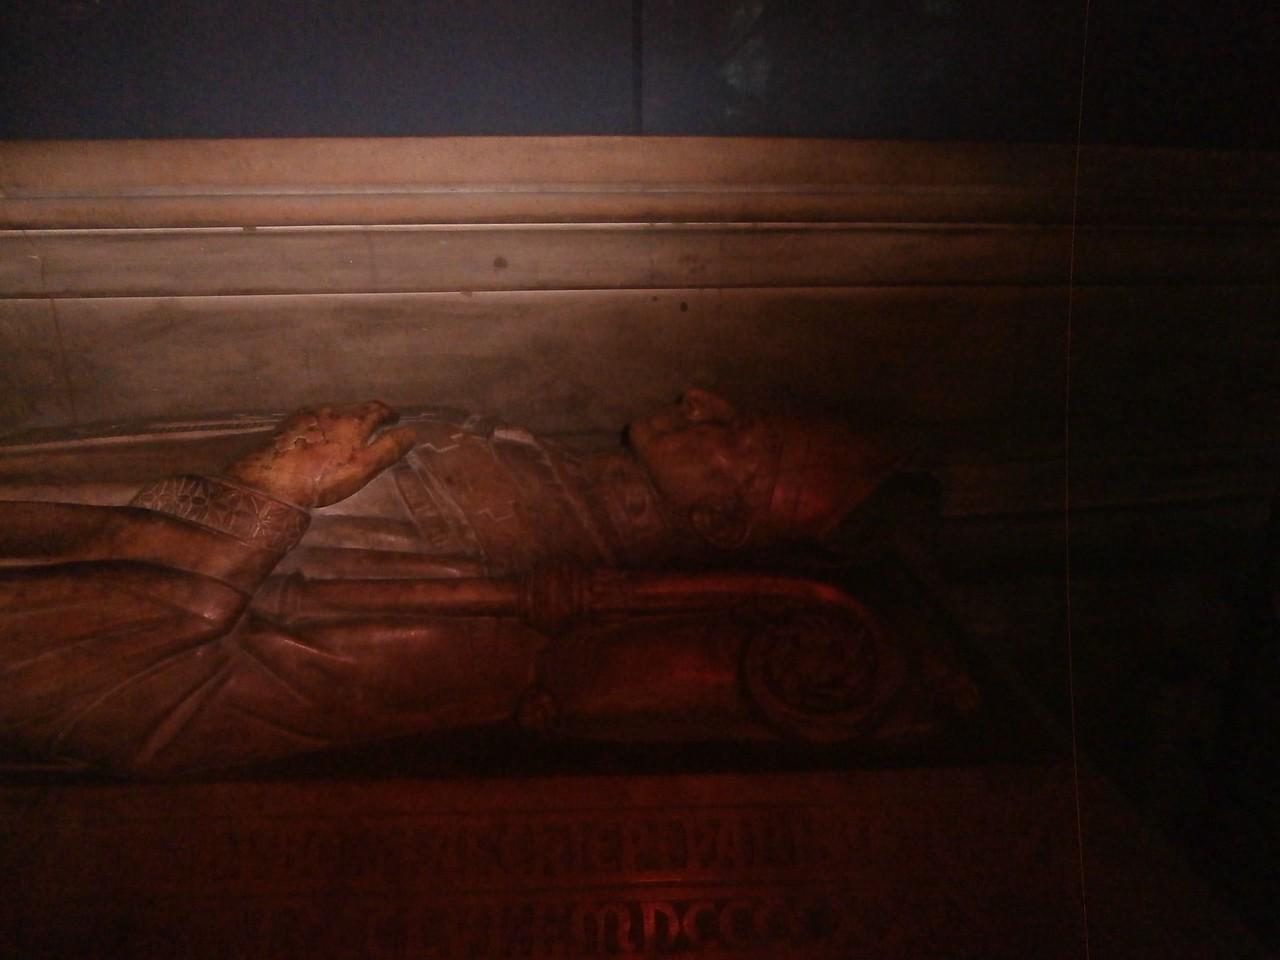 Dead bishop